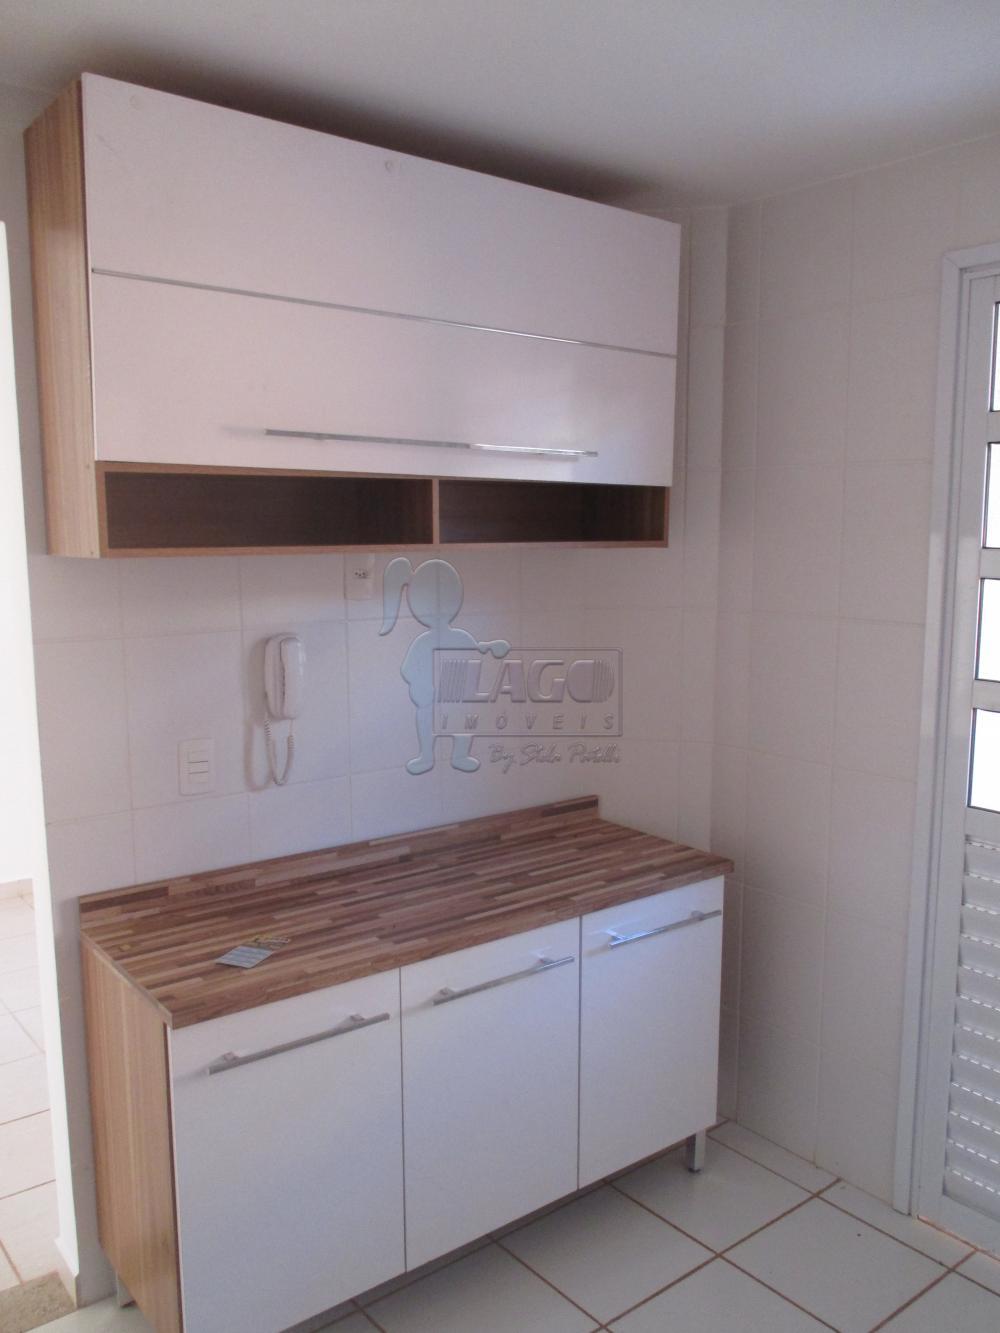 Alugar Casas / Condomínio em Ribeirão Preto apenas R$ 1.750,00 - Foto 18